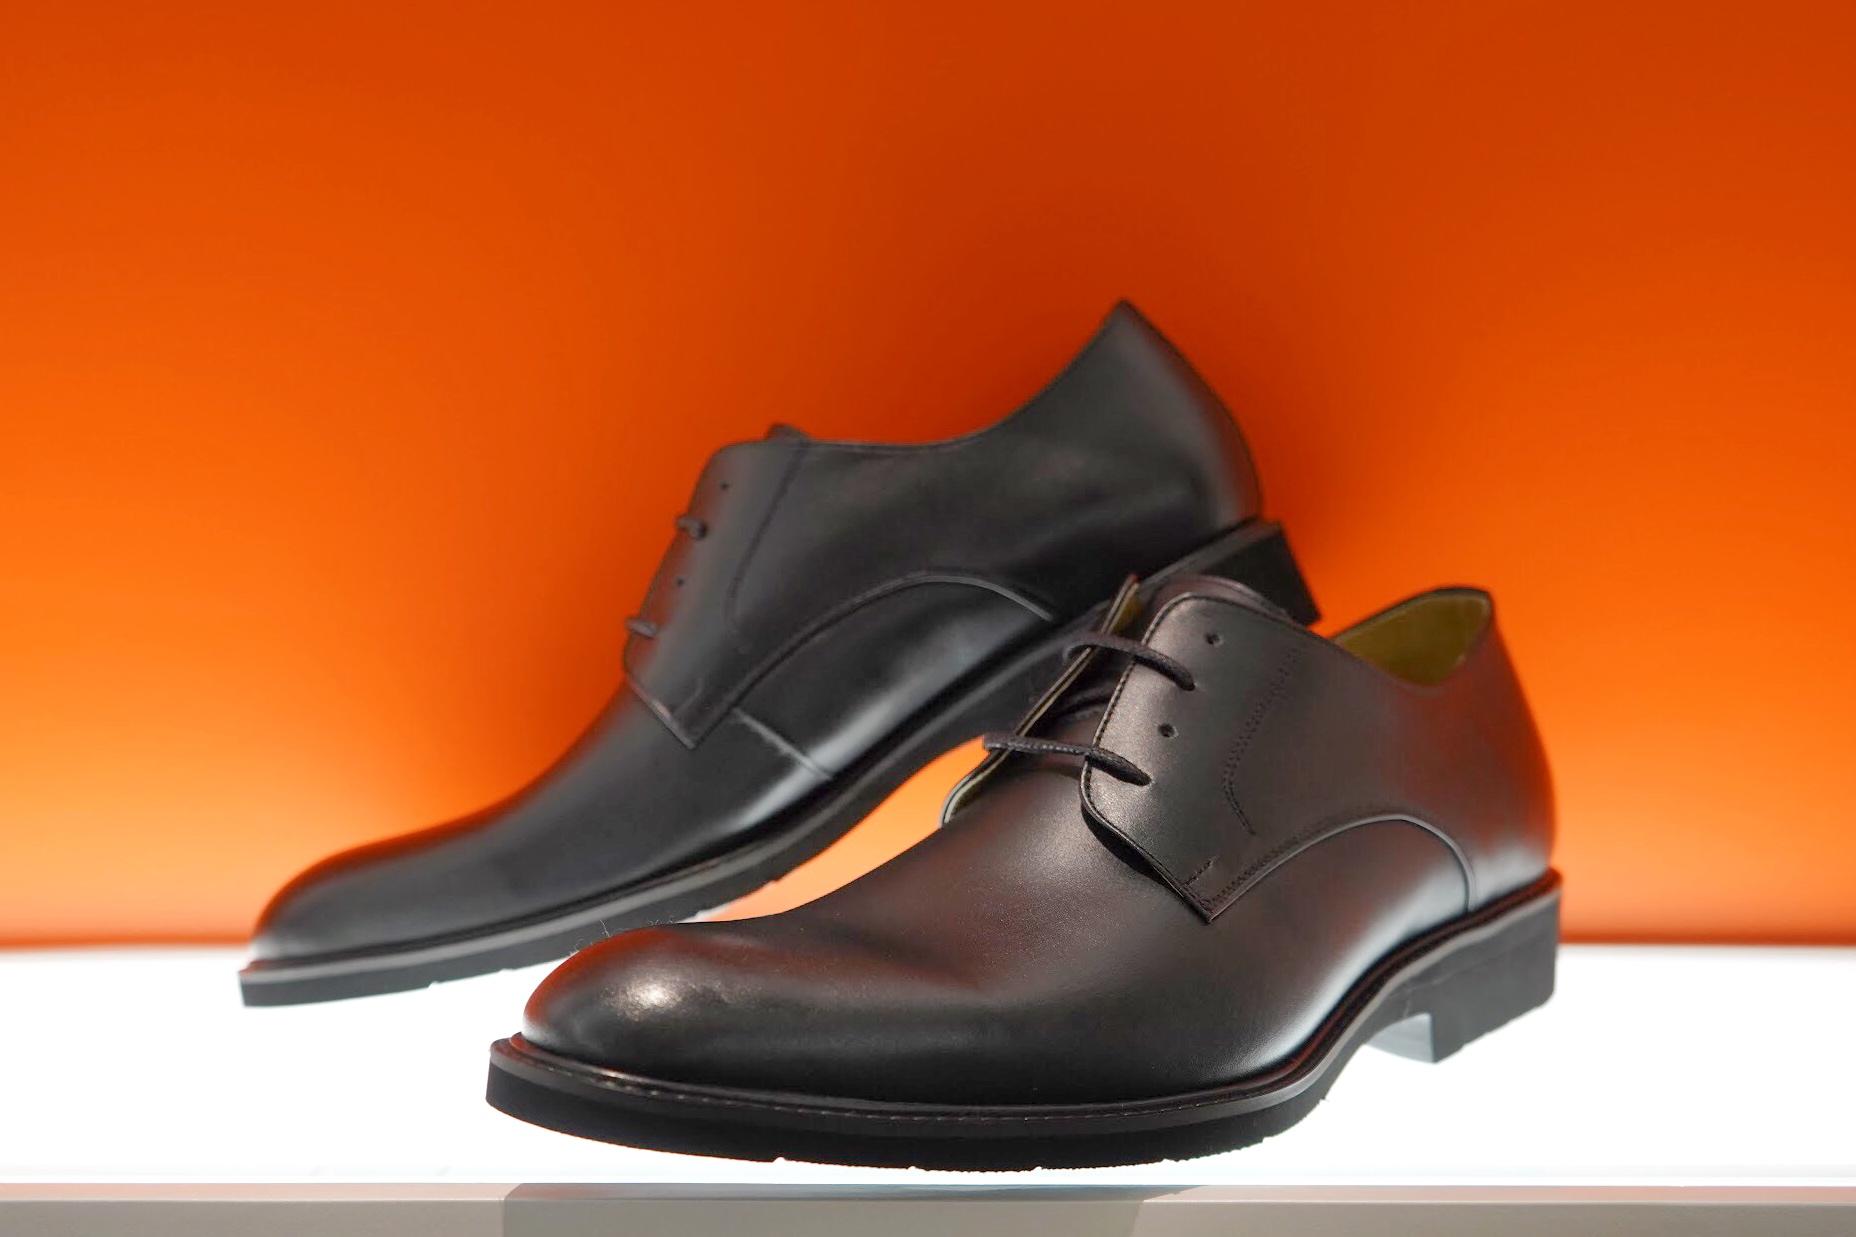 Lif8輕量皮鞋